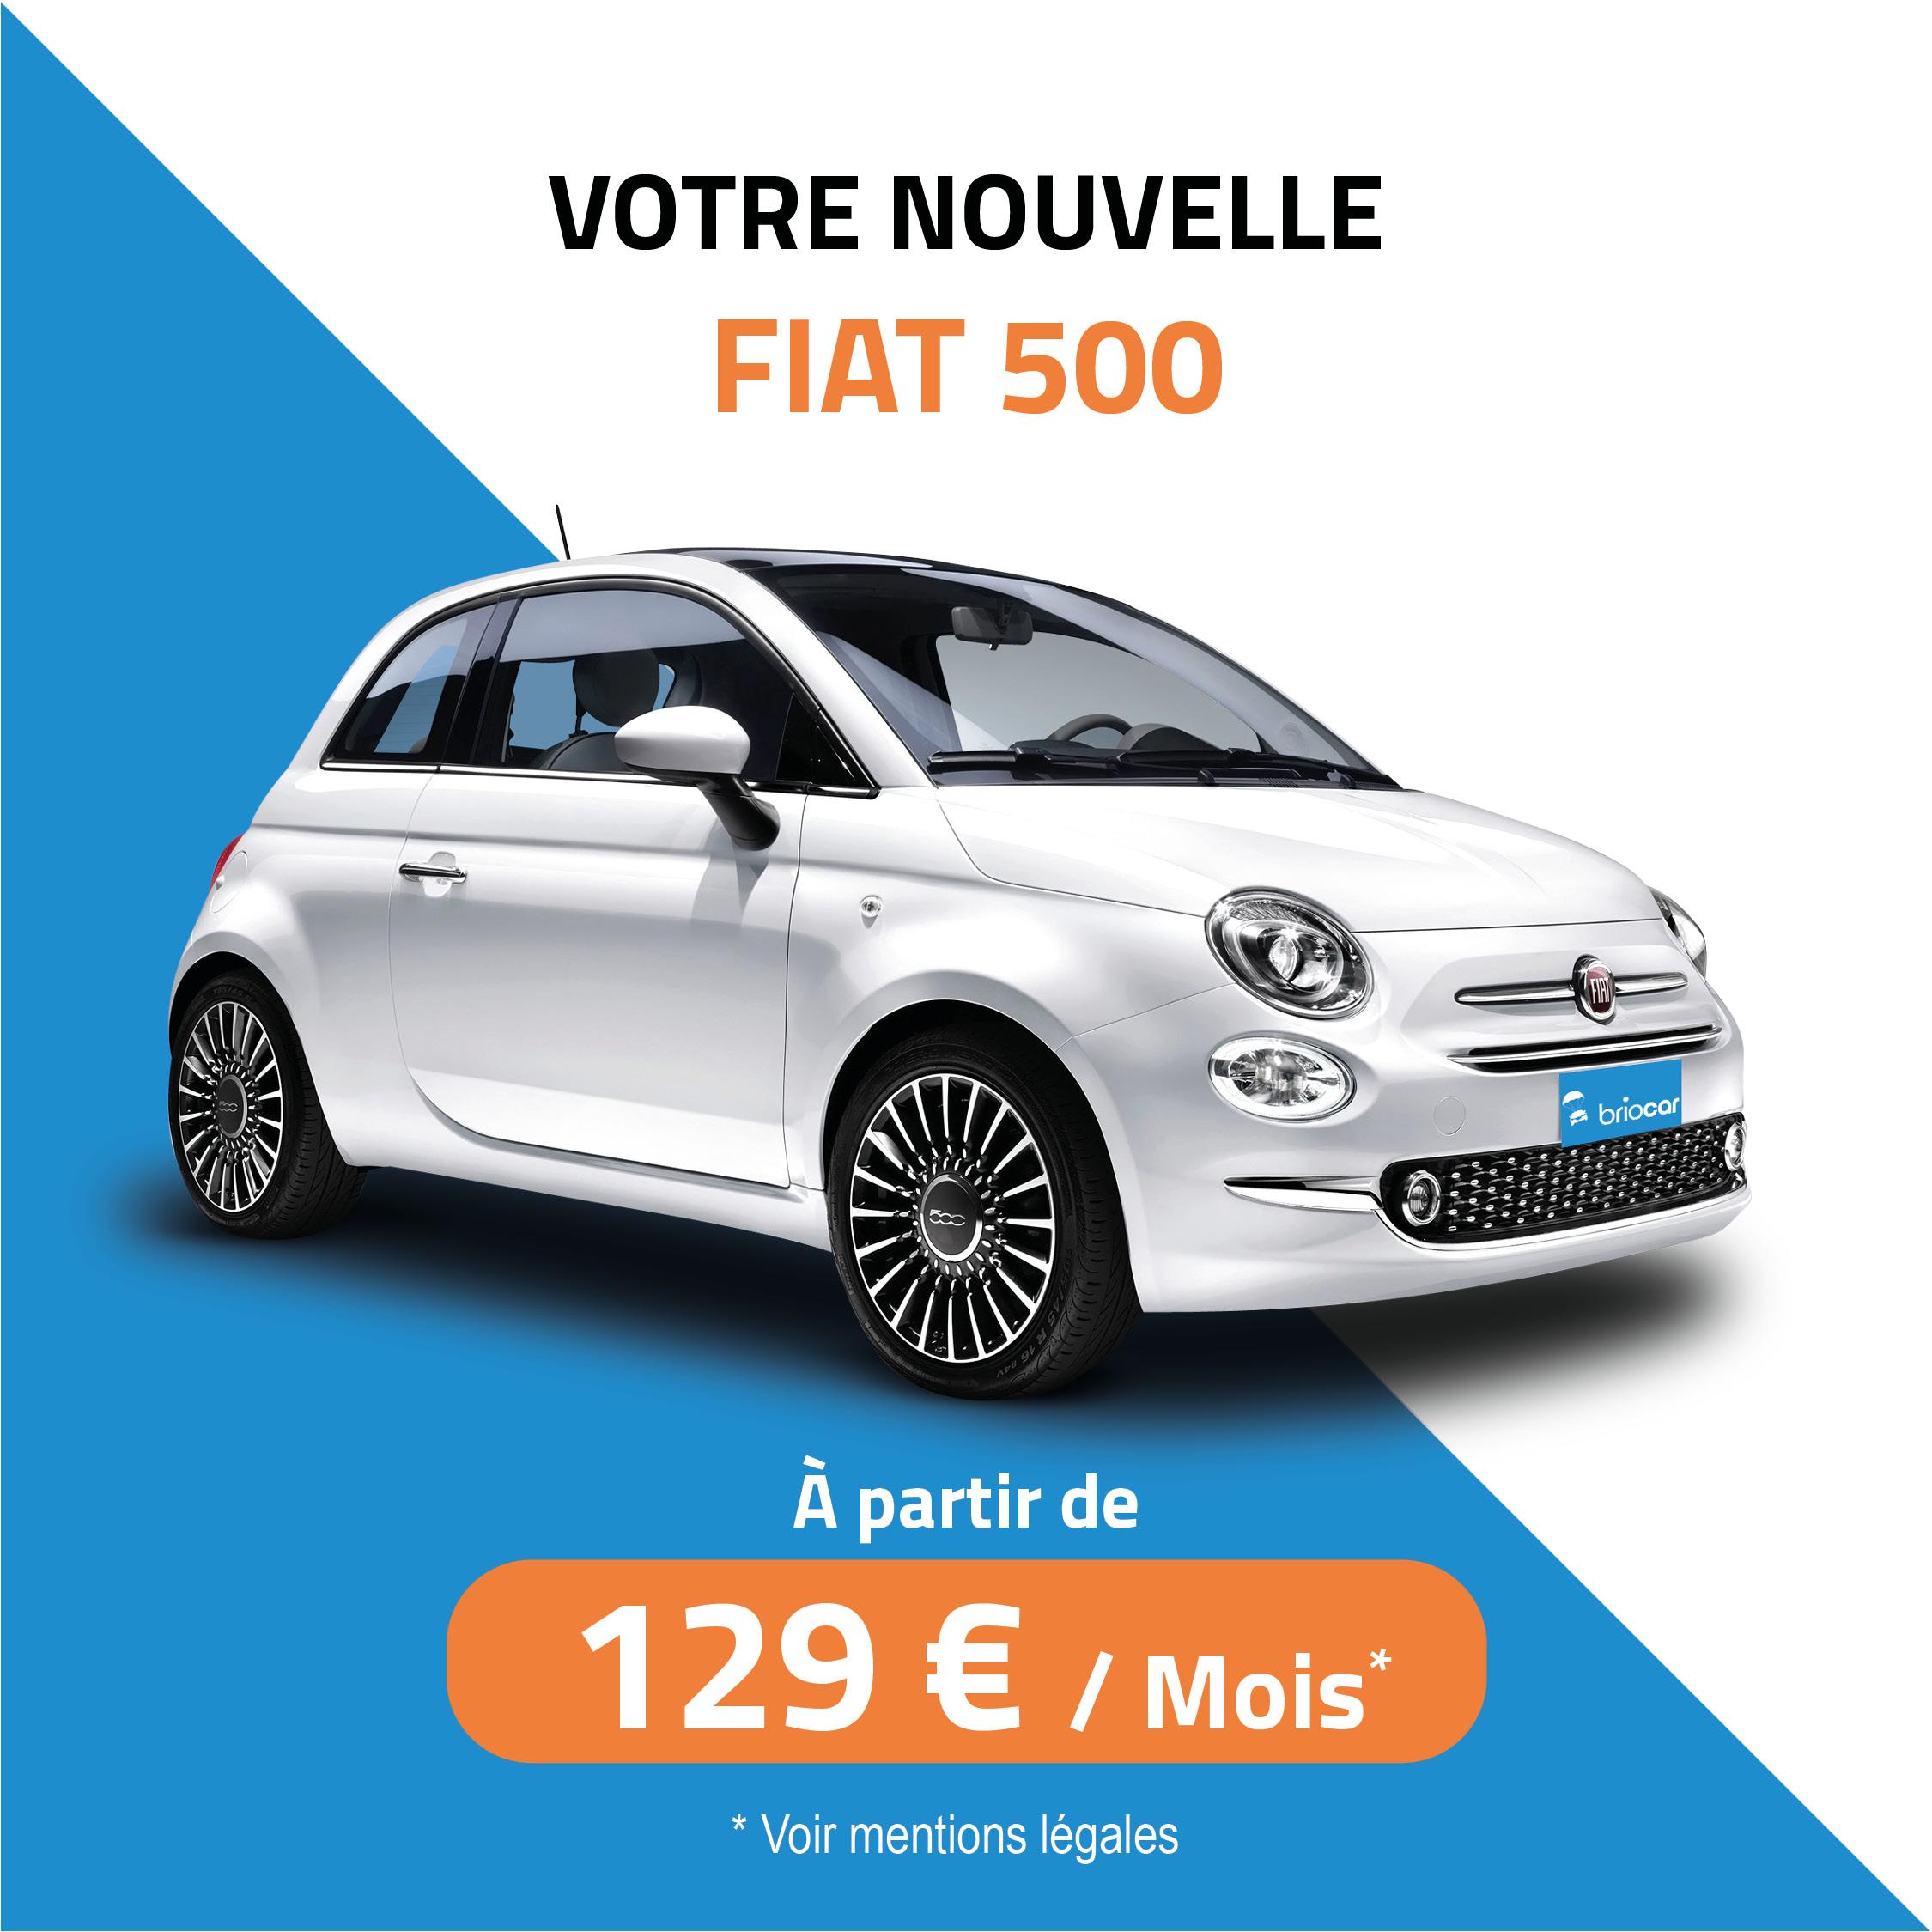 Fiat 500 LOA